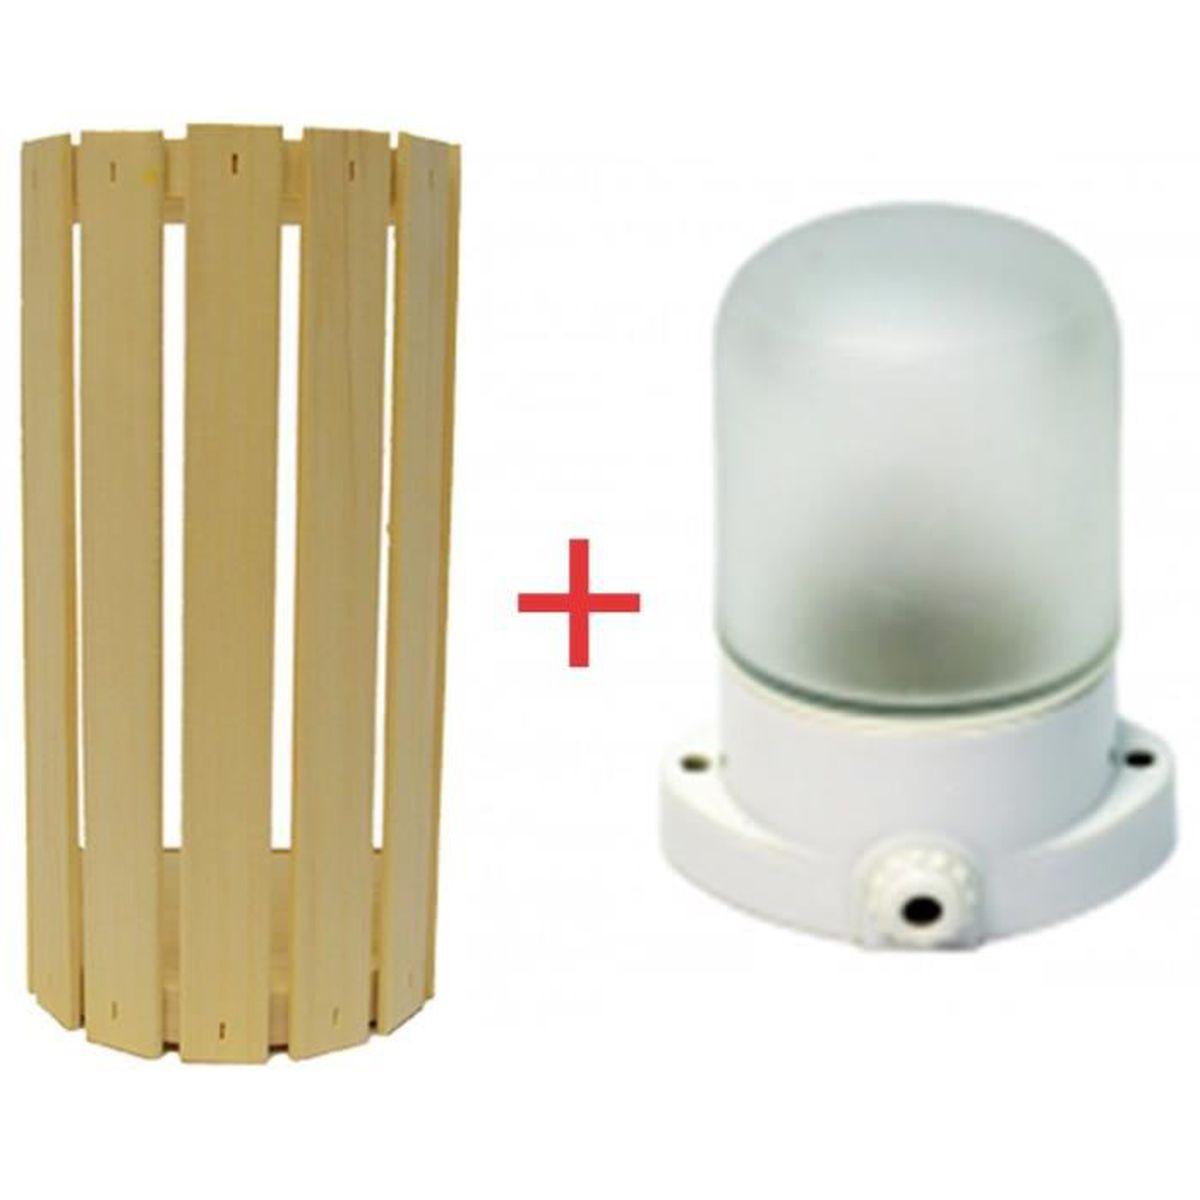 LAMPE OVALE POUR SAUNA ABAT-JOUR GALLO